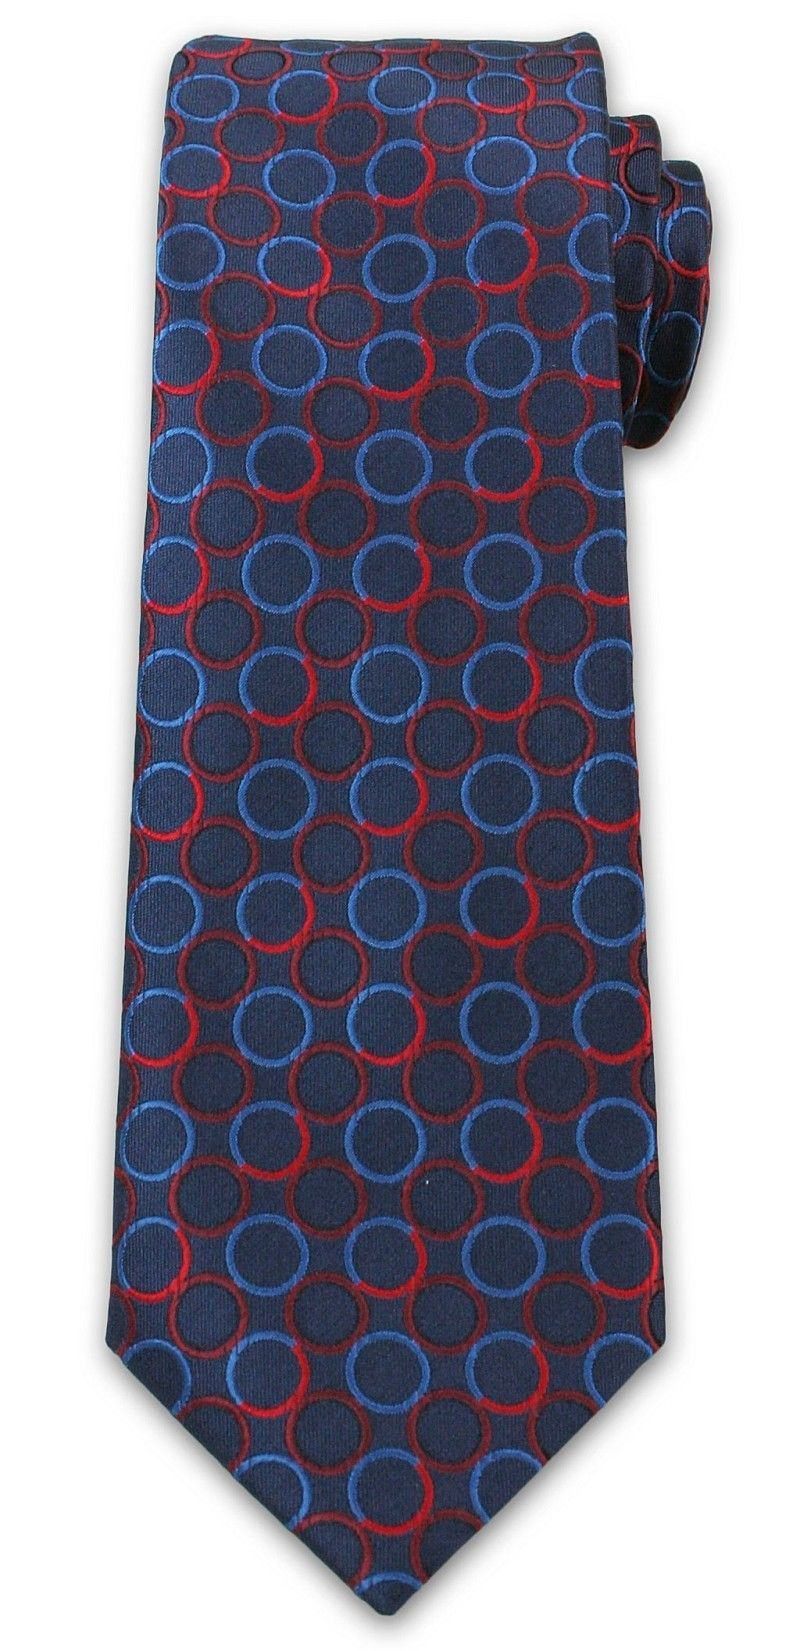 Stylowy Krawat Męski w Niebiesko-Czerwone Koła - Chattier- 6,7cm- Kolorowy KRCH1011